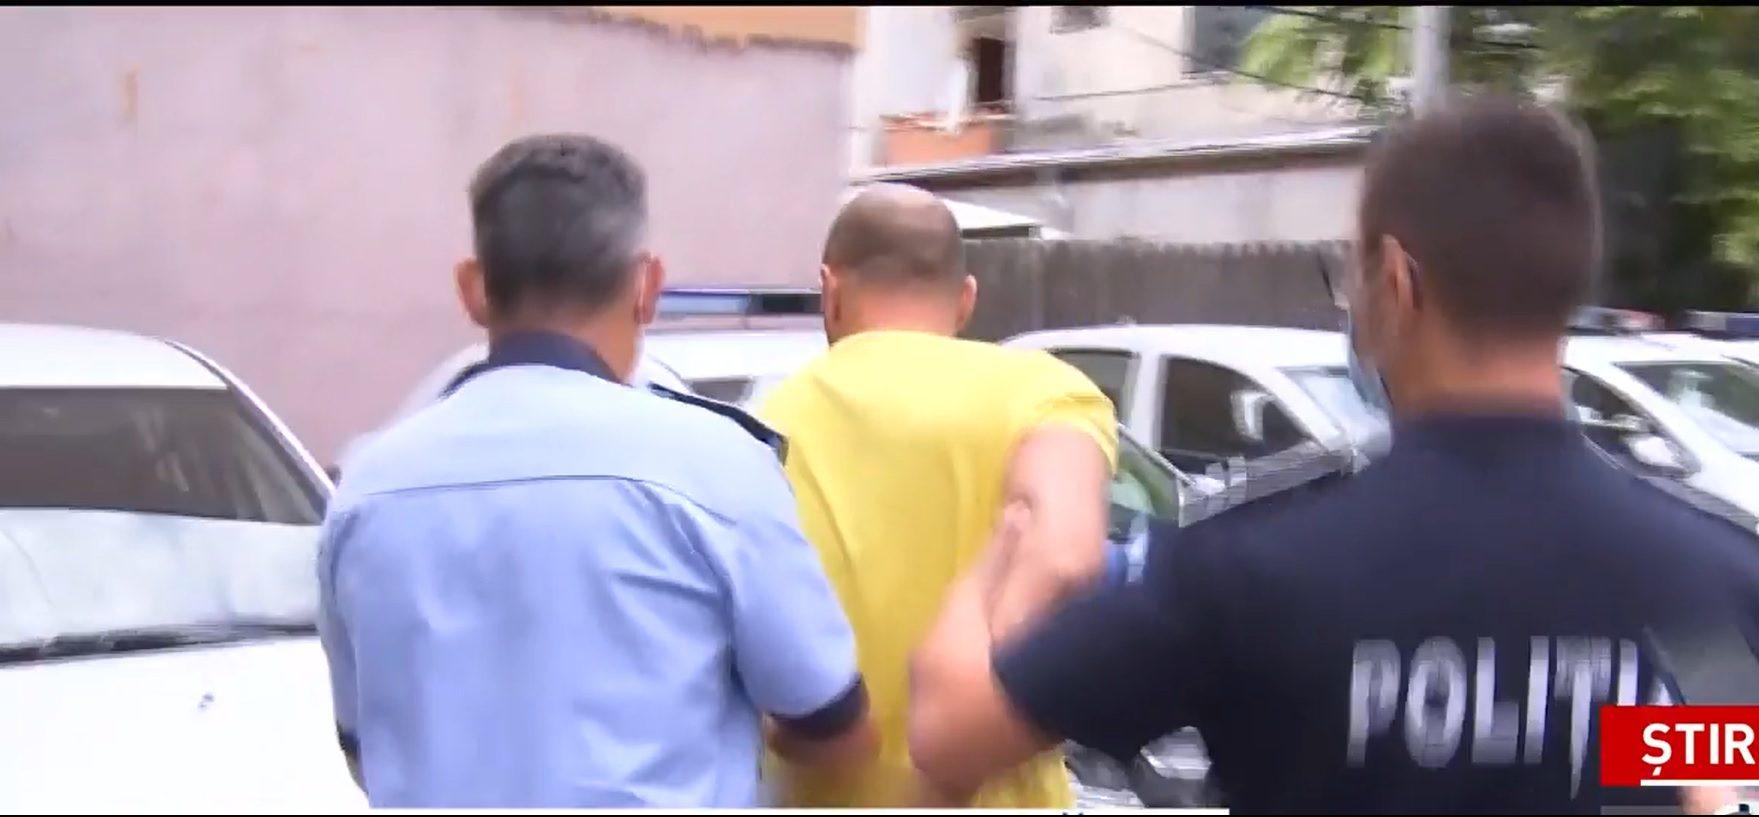 Bărbatul urmărit de poliție în București a fost reținut. Se pare că nu avea permis de conducere